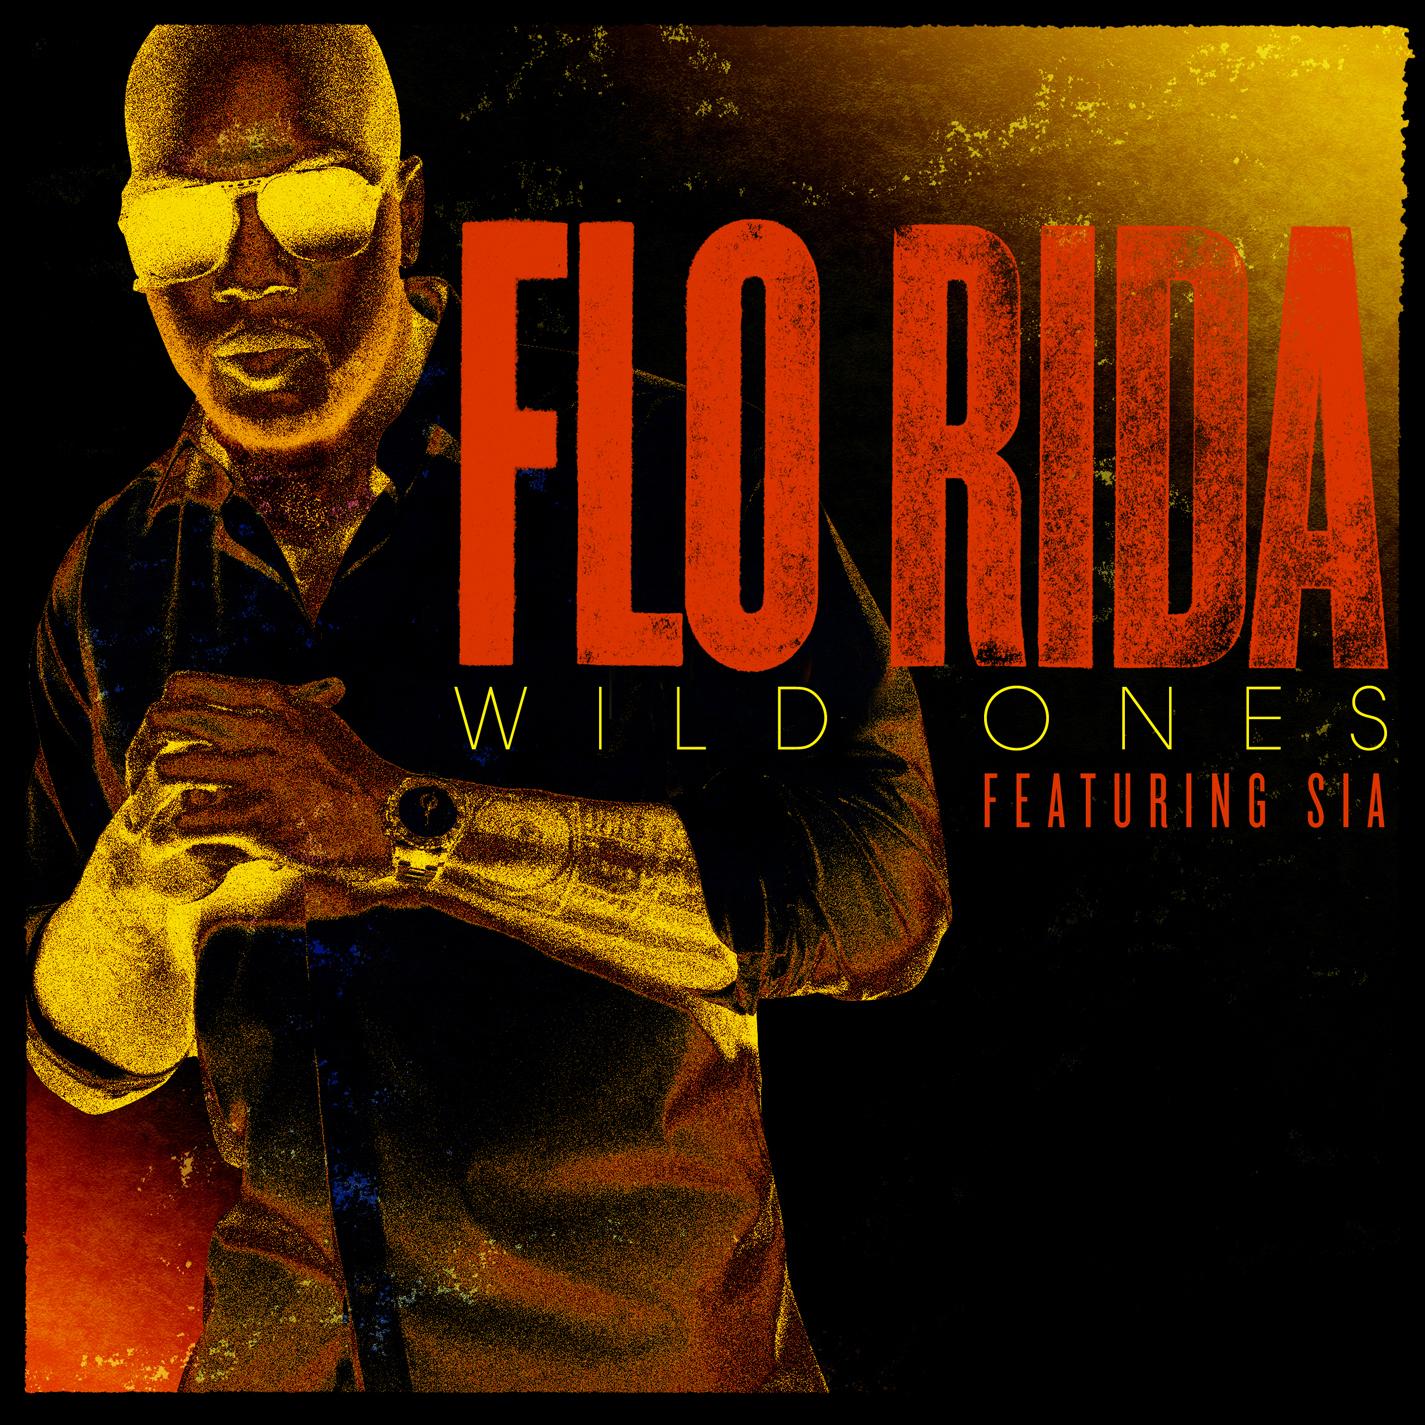 http://1.bp.blogspot.com/-3y930SNriZA/T11iWTB38qI/AAAAAAAAAvQ/8C0btwMkaLQ/s1600/Flo+Rida+Sia+Wild+Ones.jpg